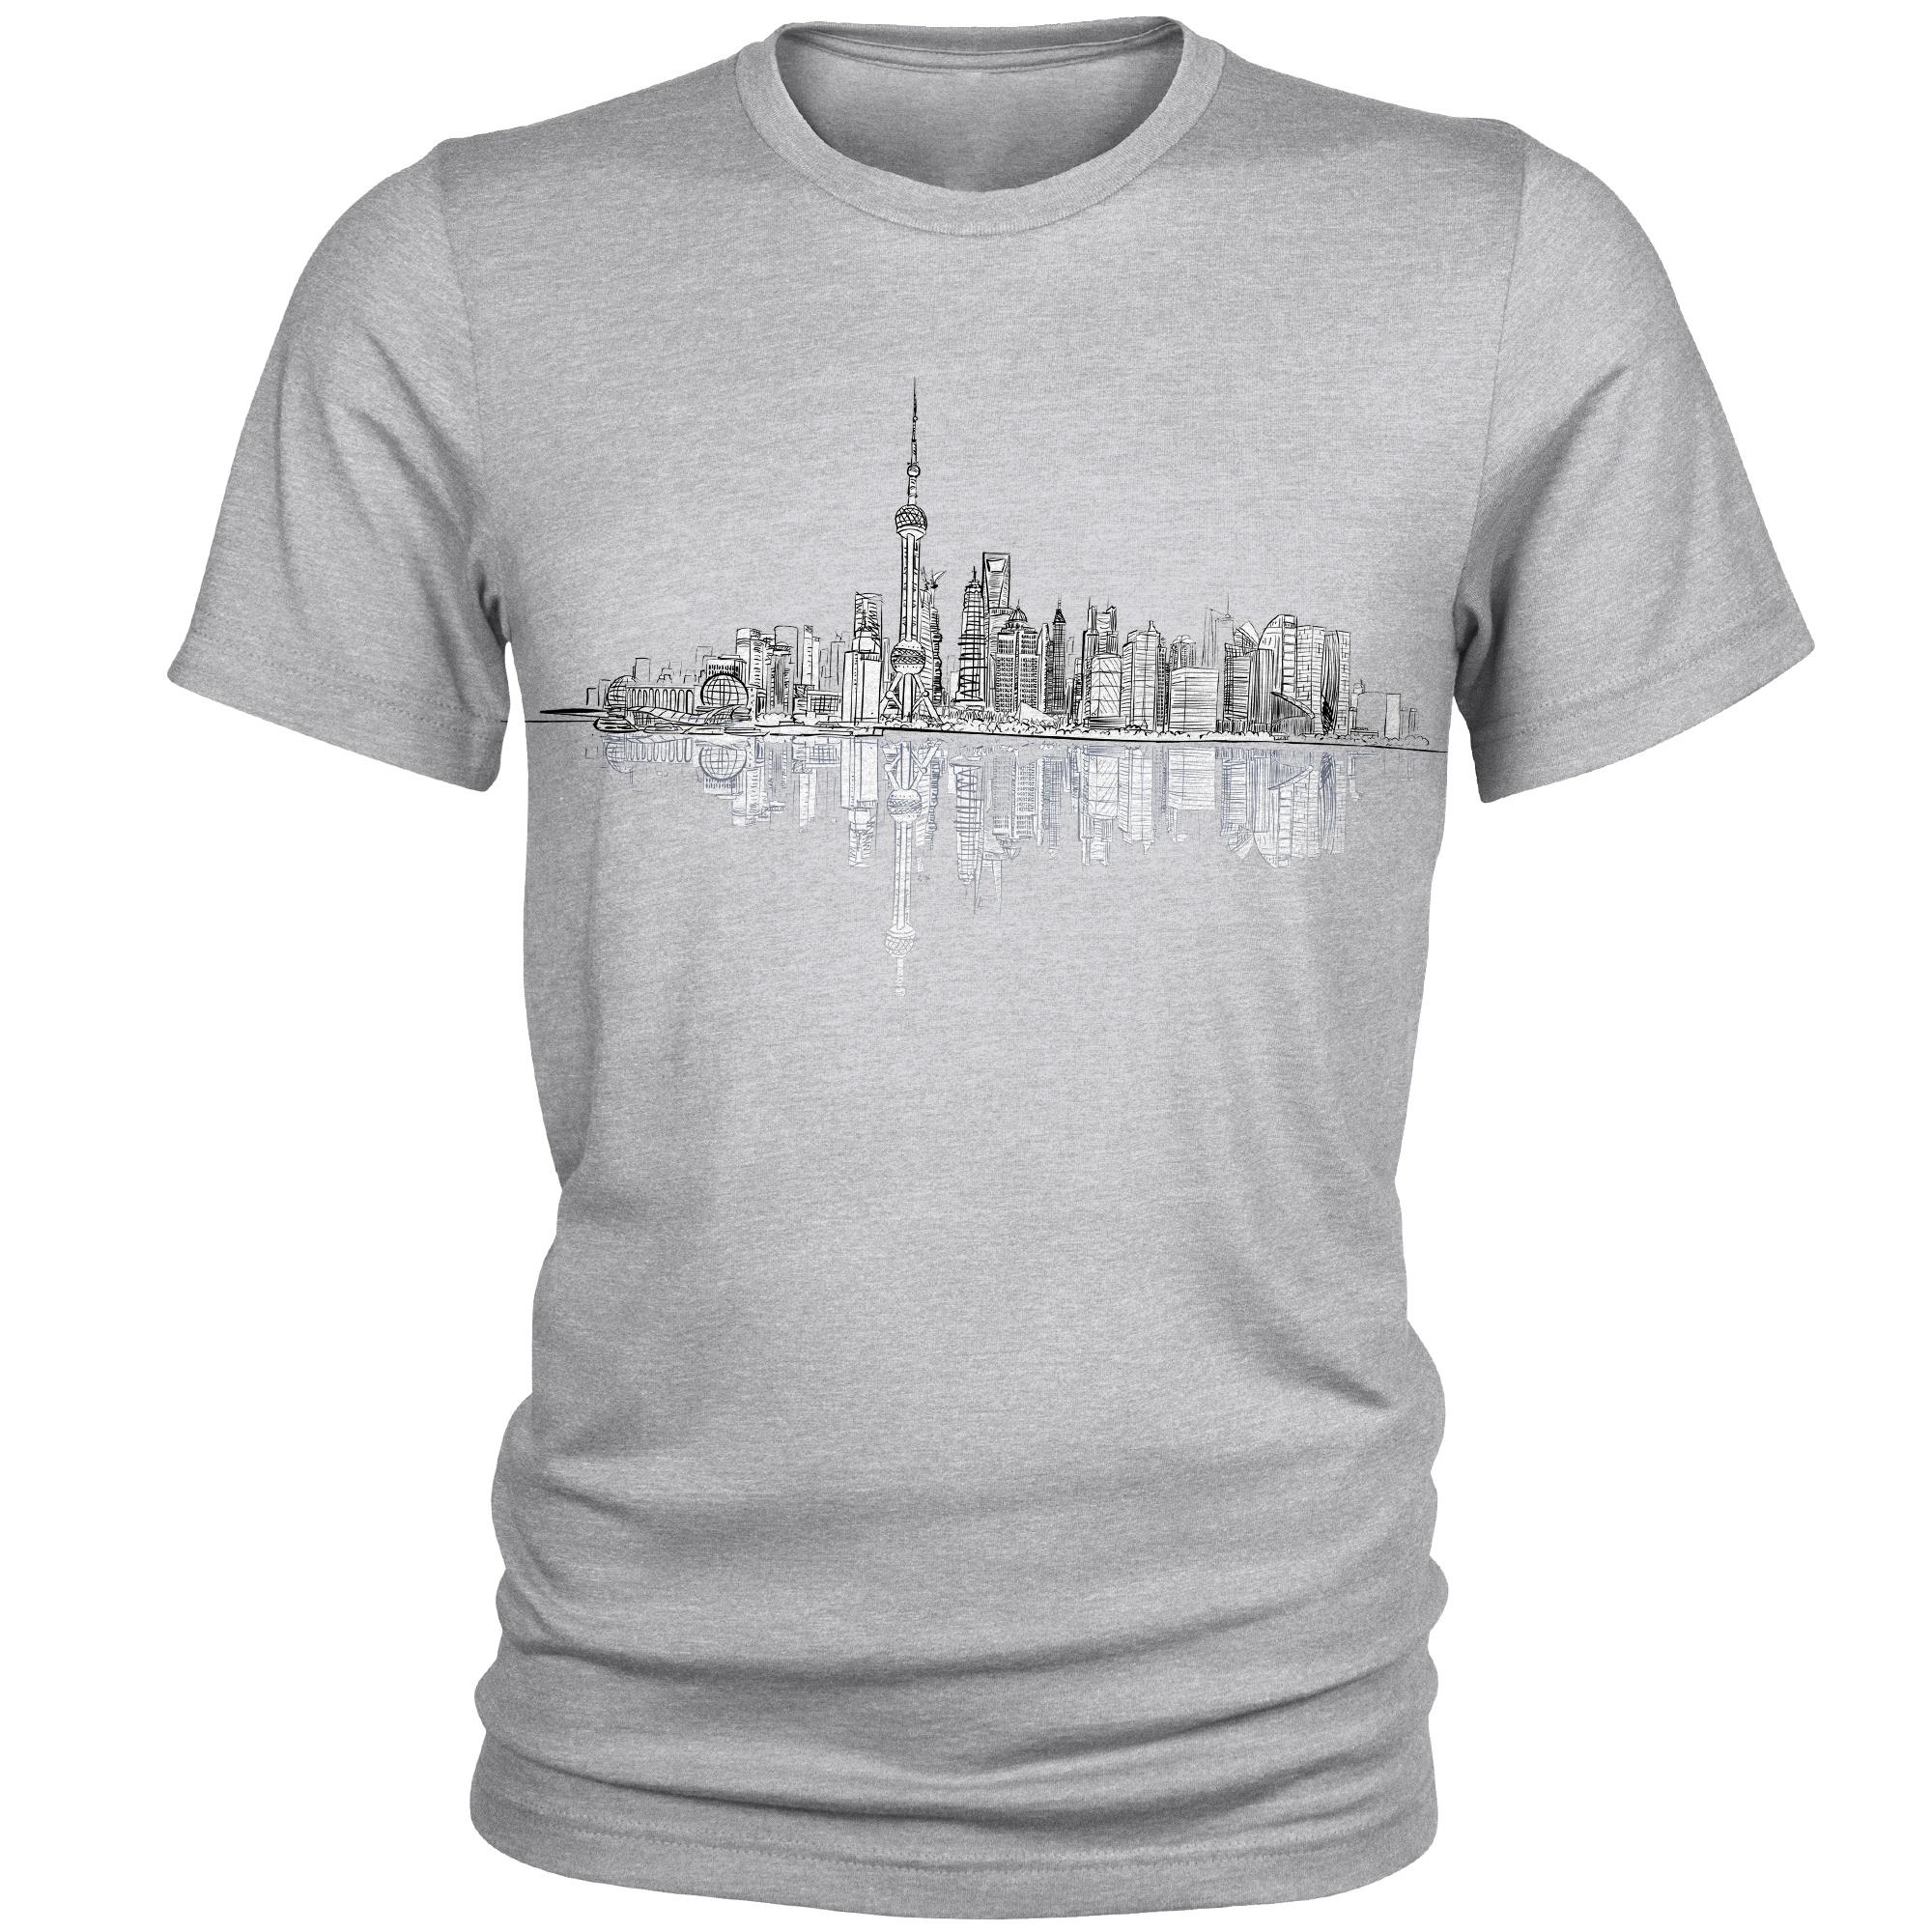 Photo of تی شرت مردانه طرح City کد A058